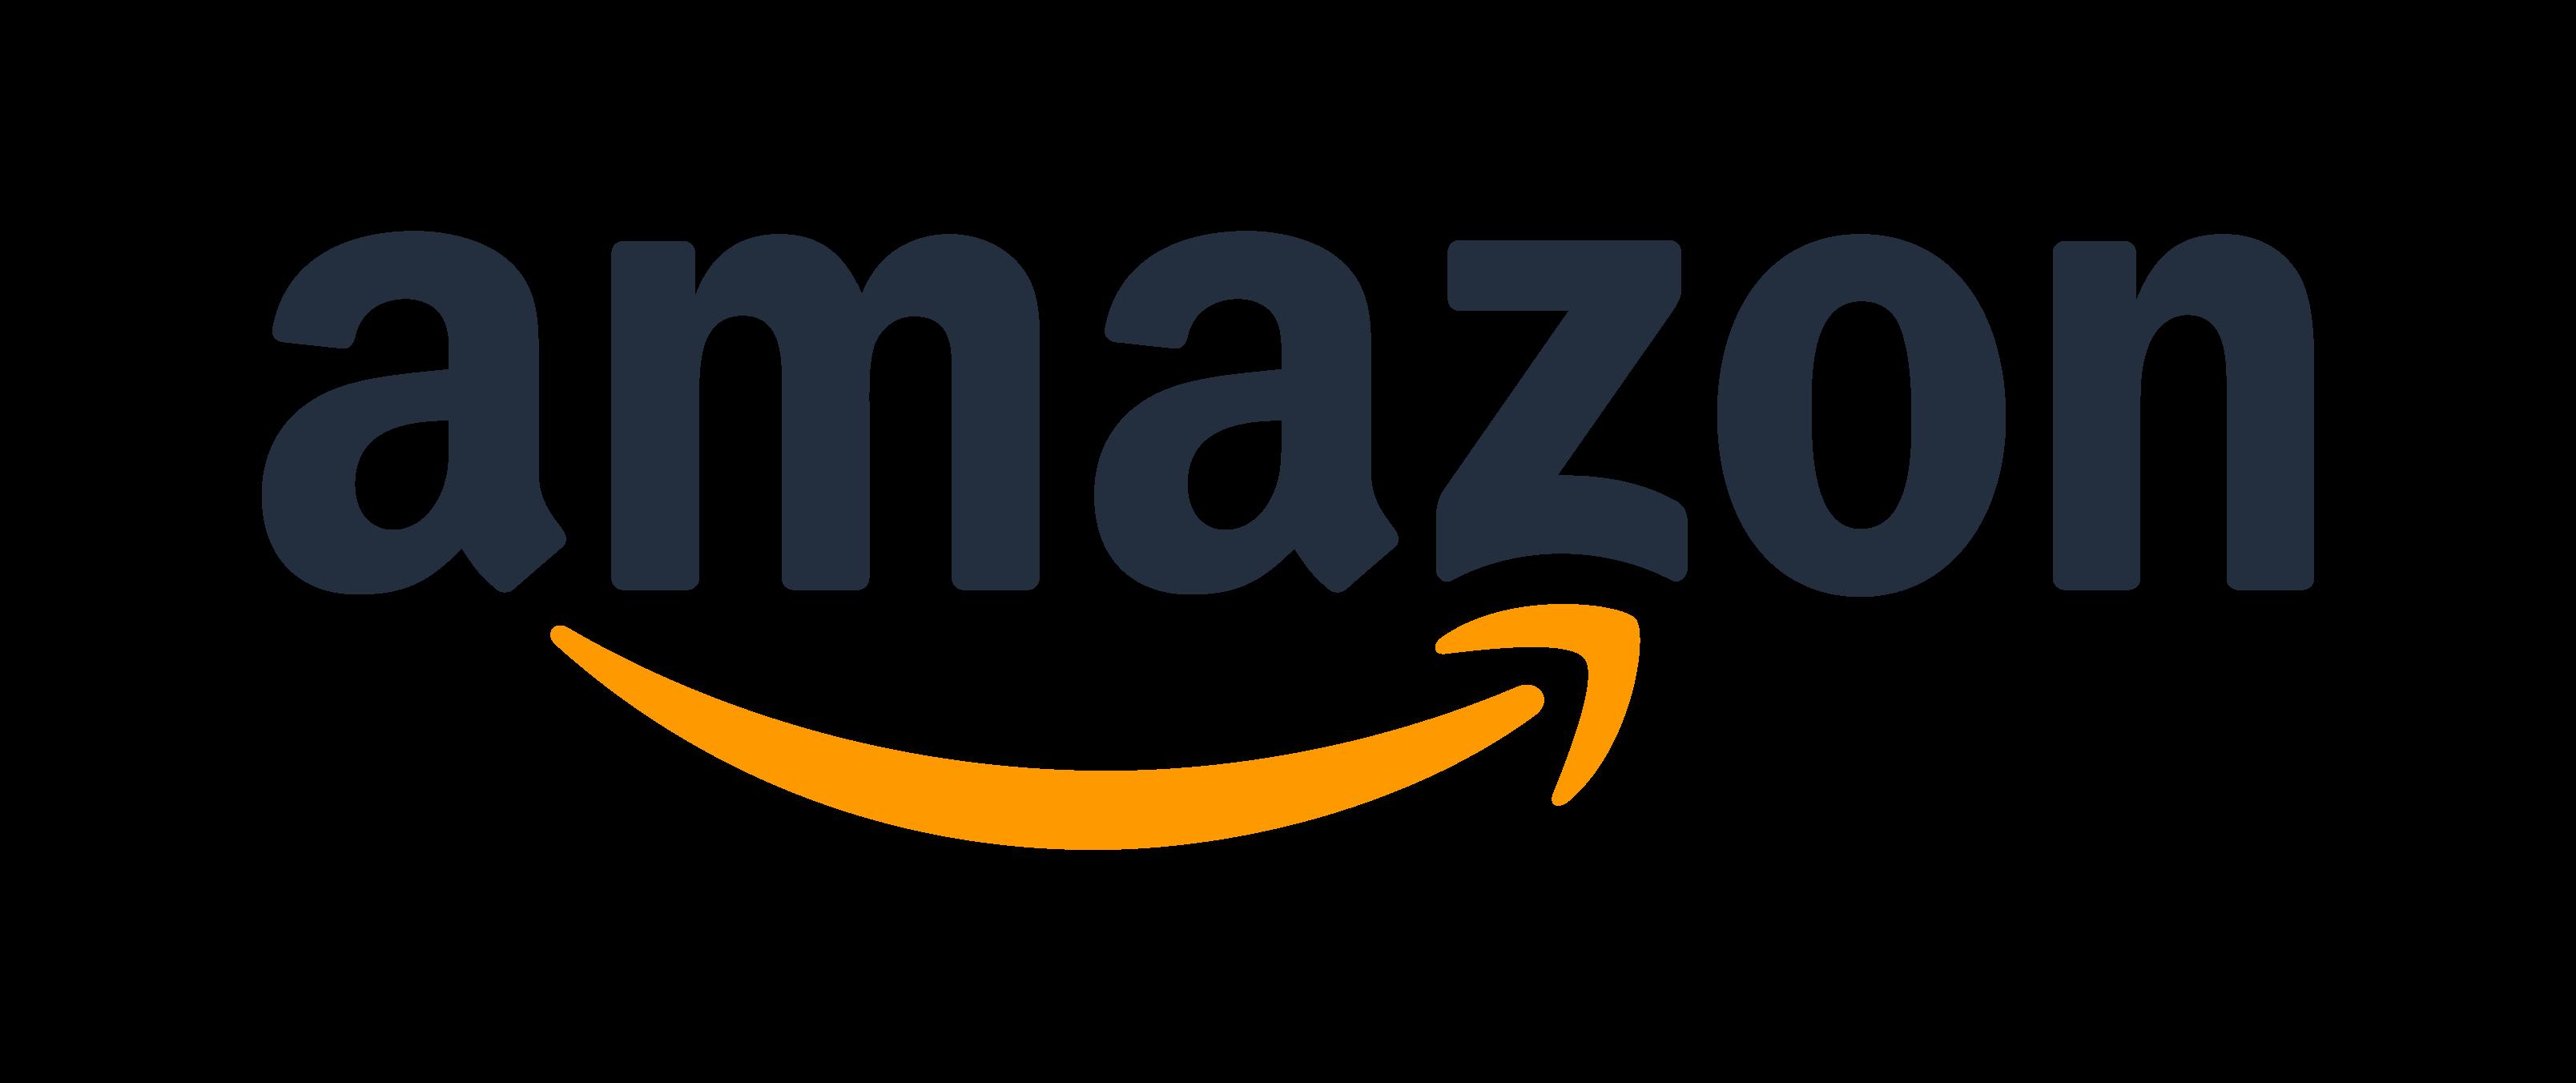 Amazon Prime Day 2020 ha segnato i due giorni più grandi di sempre per le  piccole e medie imprese nei negozi Amazon in tutto il mondo -